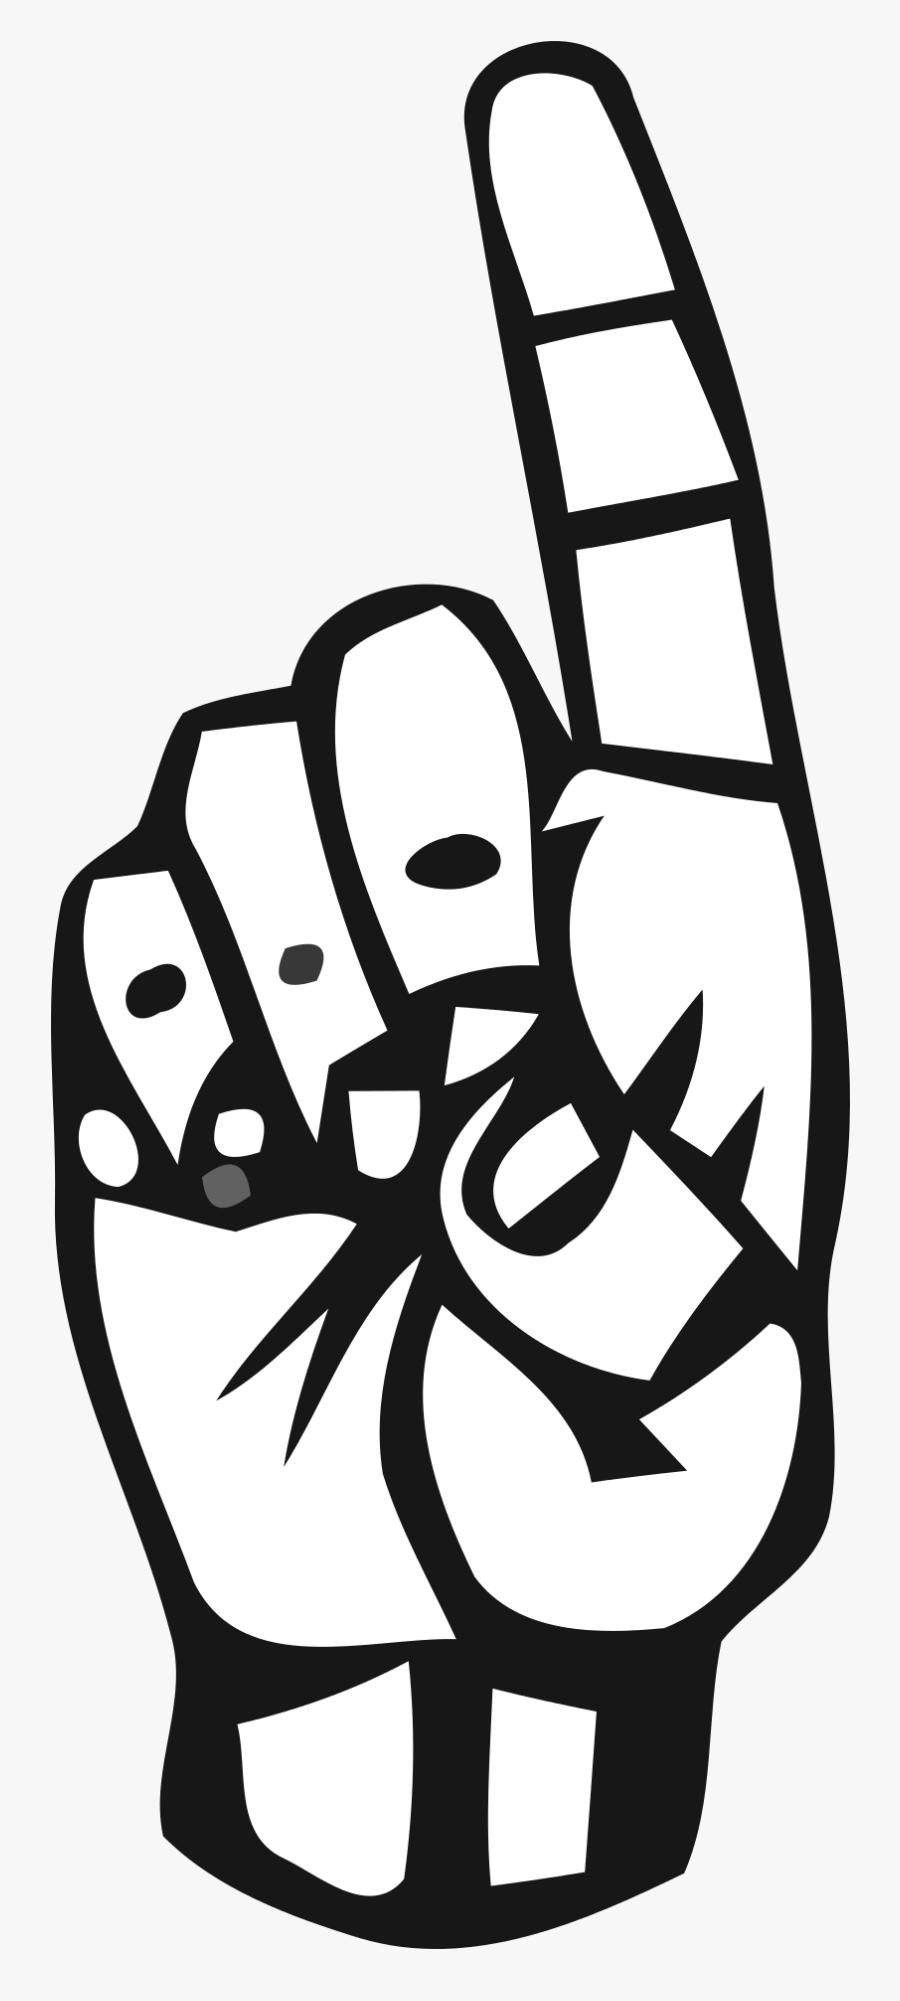 Alphabet Deaf Deaf Alphabet Free Picture - Sign Language Letter D Png, Transparent Clipart